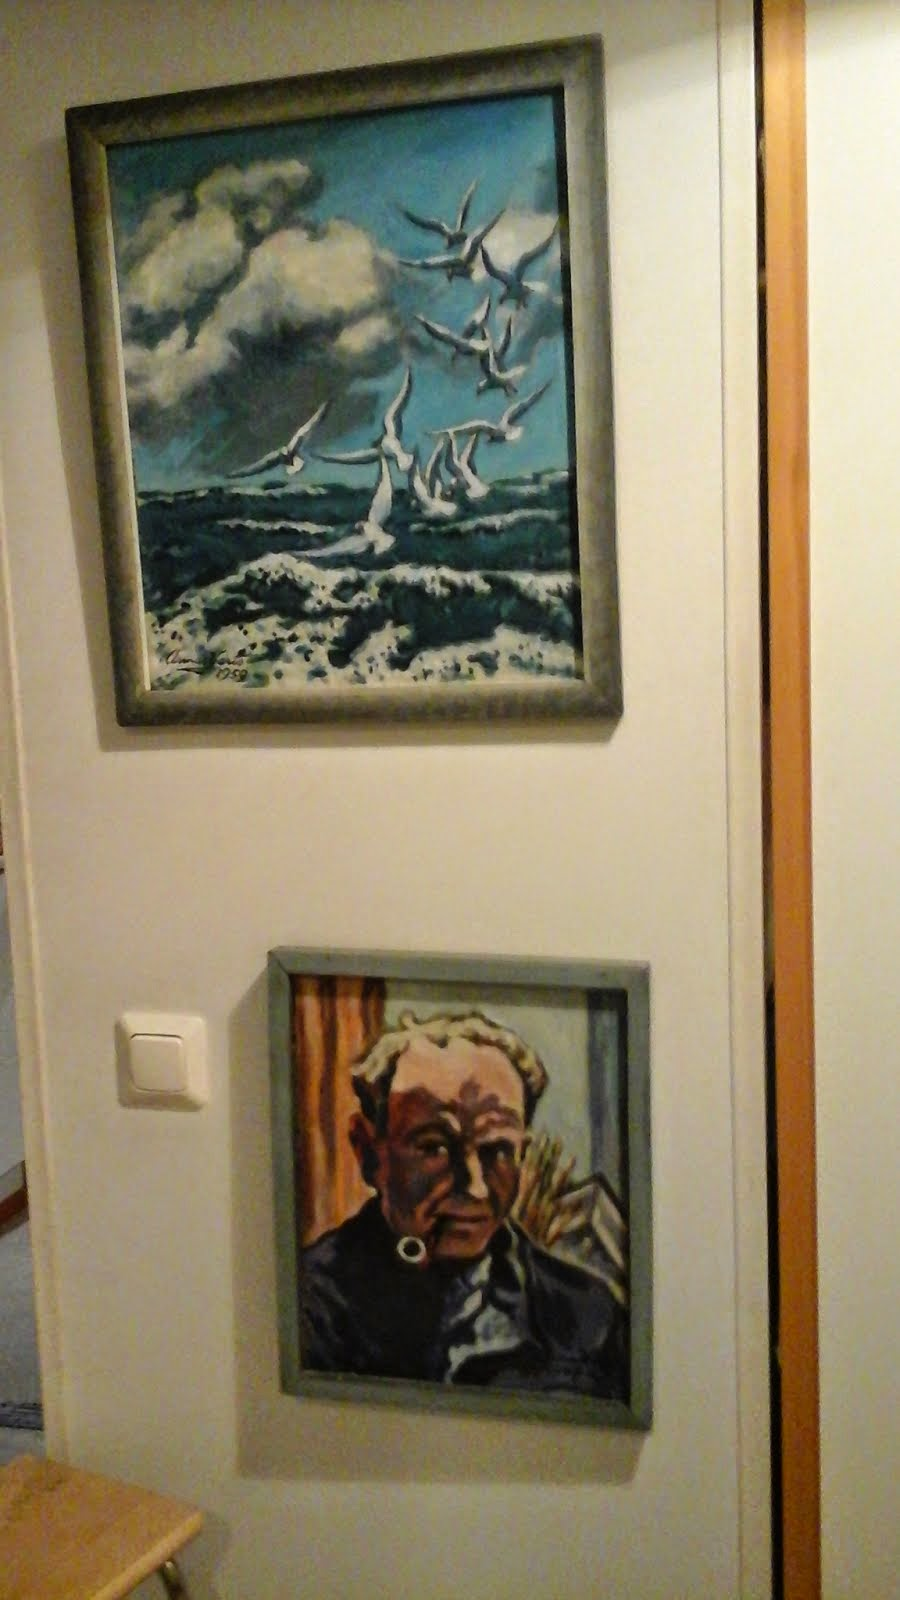 Armas ja lokit, Artist and seagulls